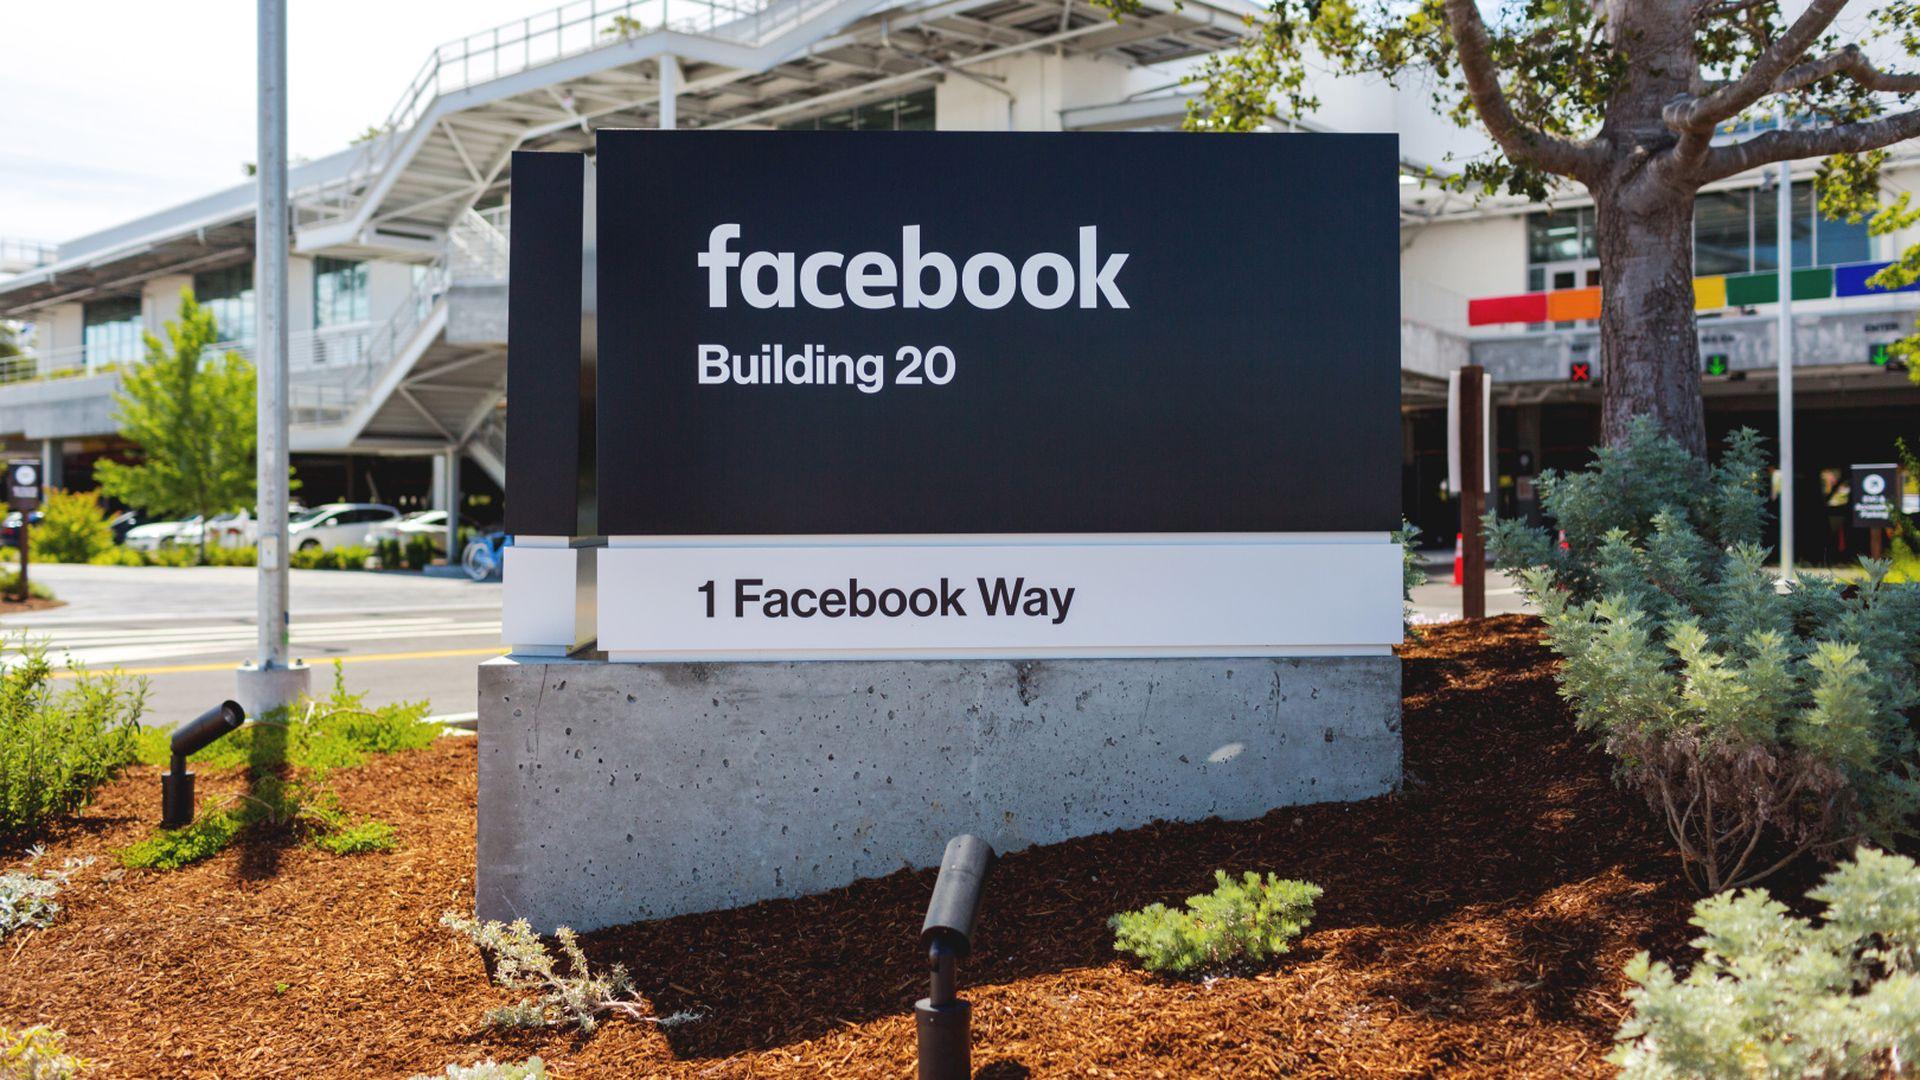 Facebook's Building 20